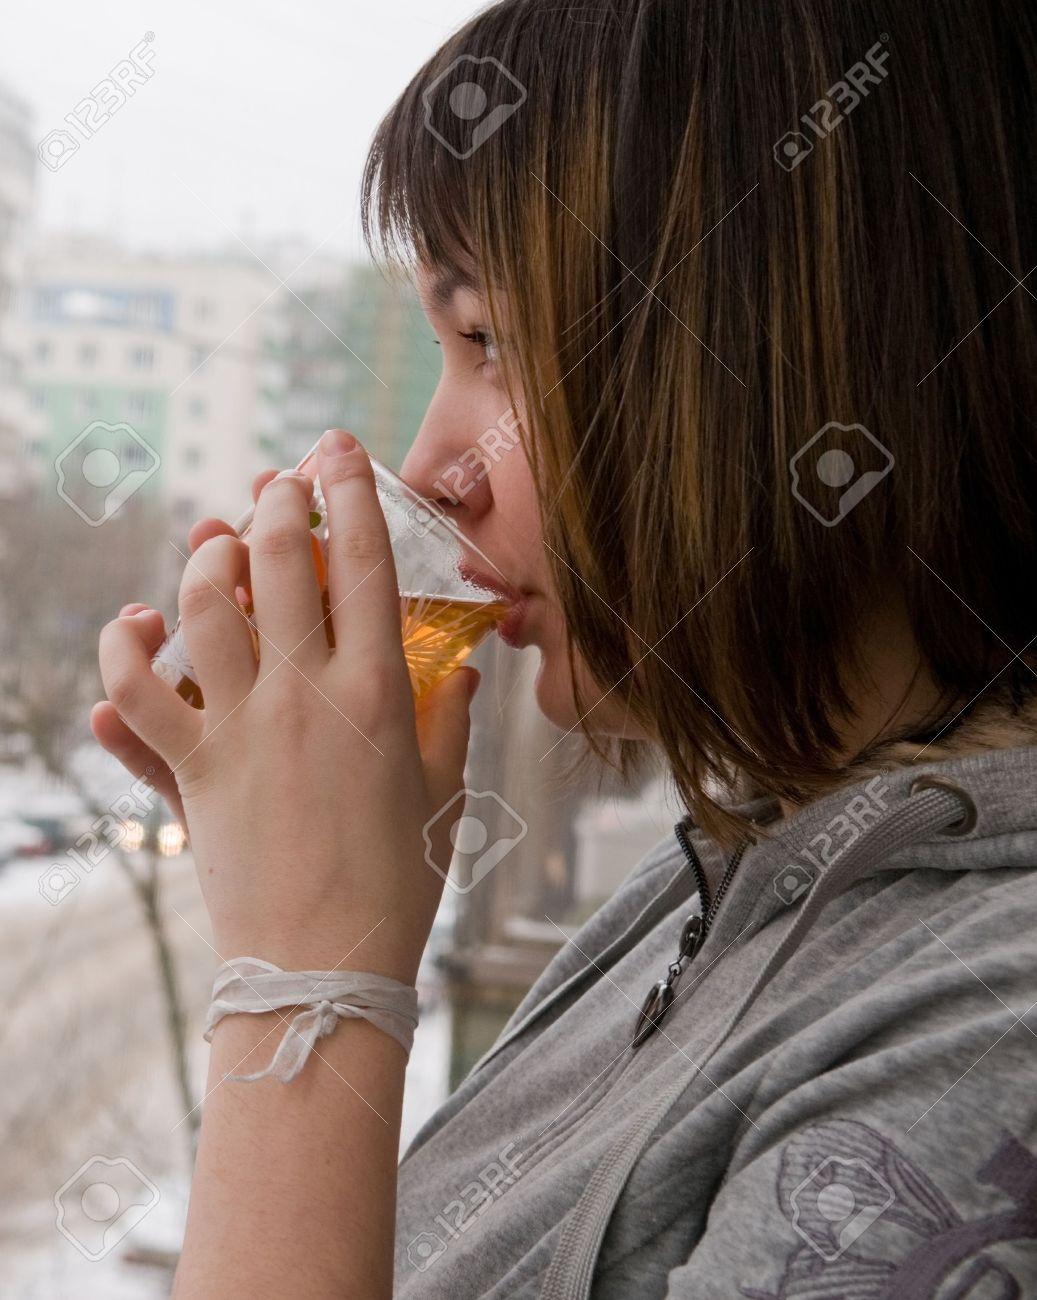 Slikovnica 4187230-La-ragazza-dei-costi-su-un-balcone-e-beve-il-t-caldo-Dietro-una-finestra-invernale-strada--Archivio-Fotografico